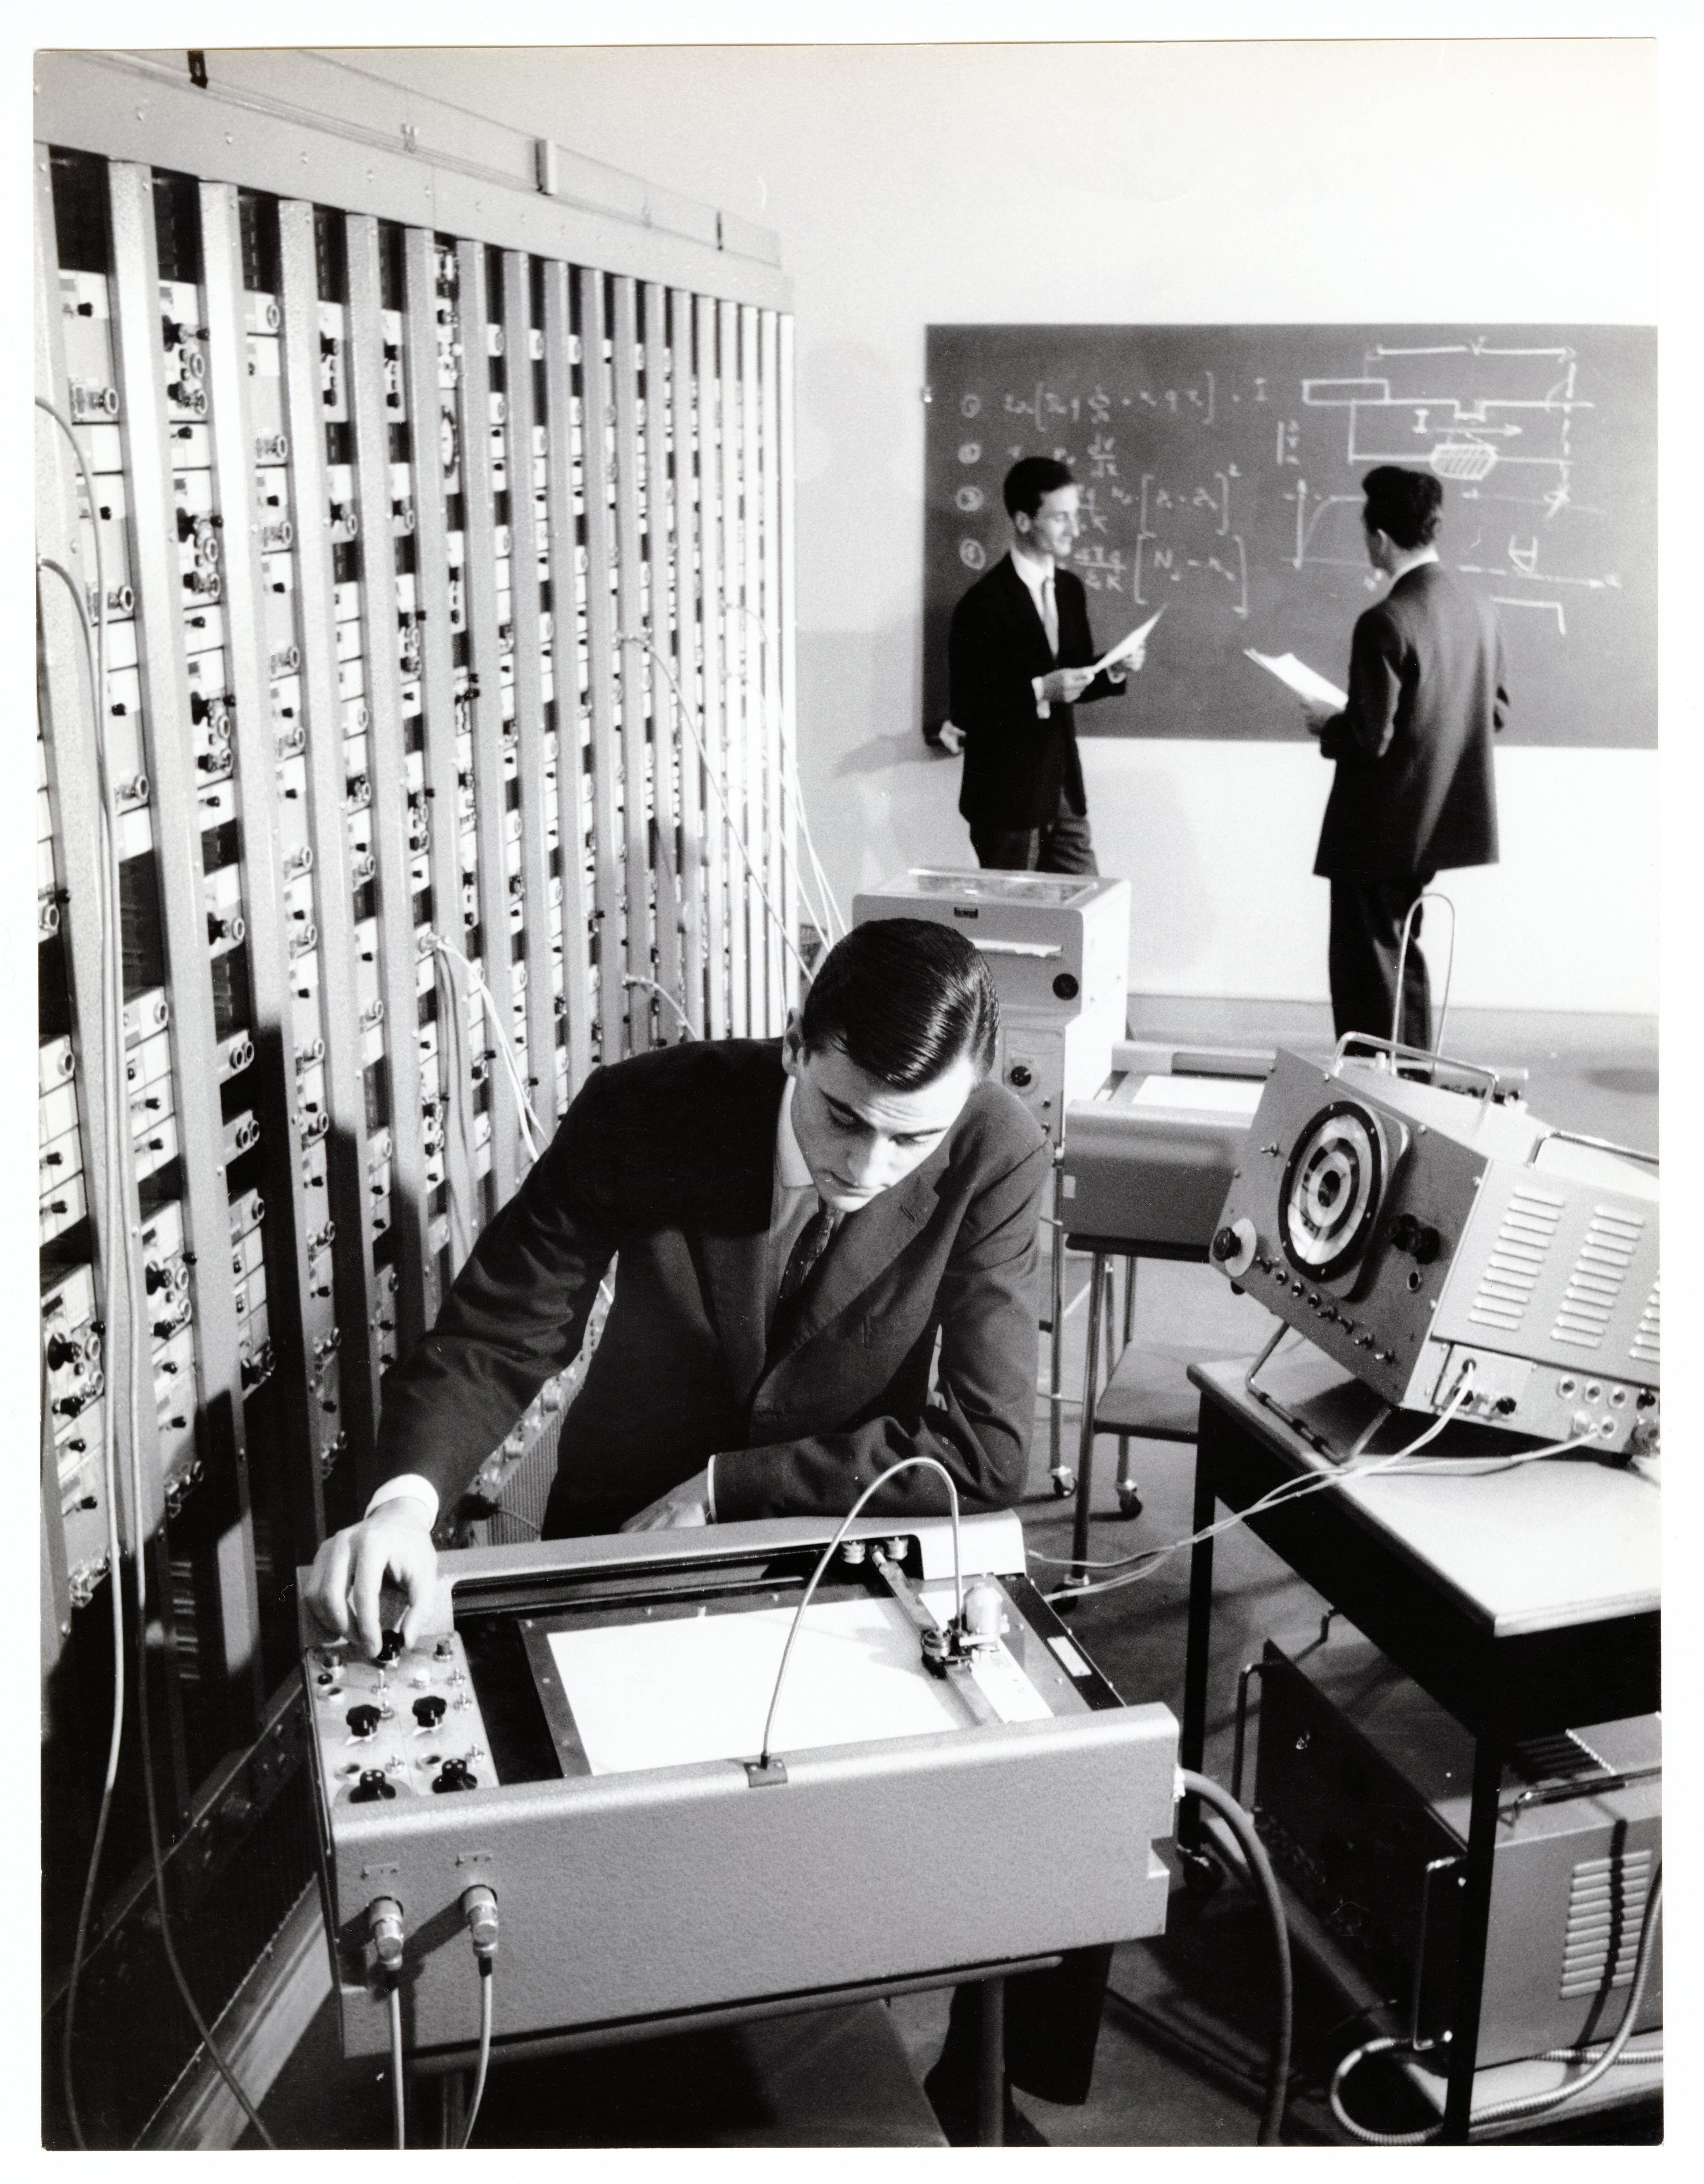 Ingénieur et physiciens participant au «Plan calcul» (plan gouvernemental destiné à rattraper le retard français en matière de nouvelles technologies) : tirage photographique, lieu inconnu, années 1960.